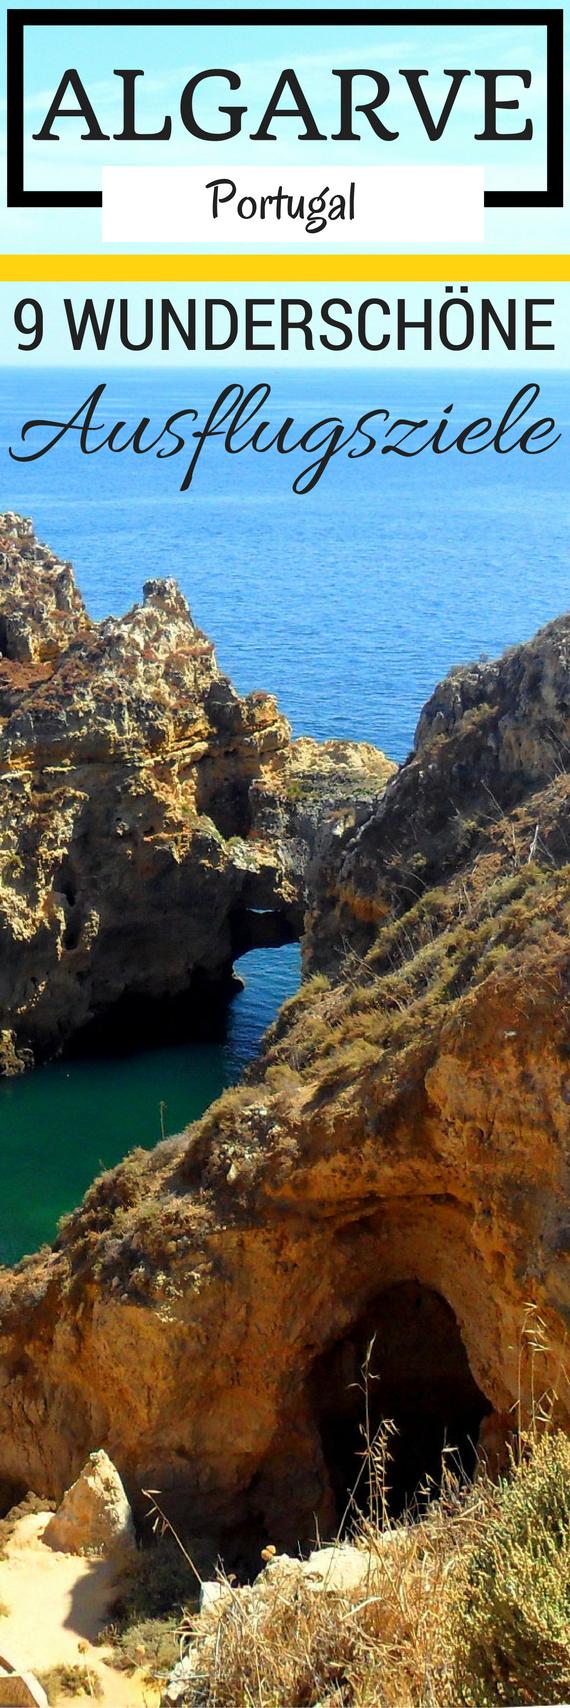 9 wunderschöne Ausflugsziele, die deinen Algarve-Urlaub unvergesslich machen #portugal